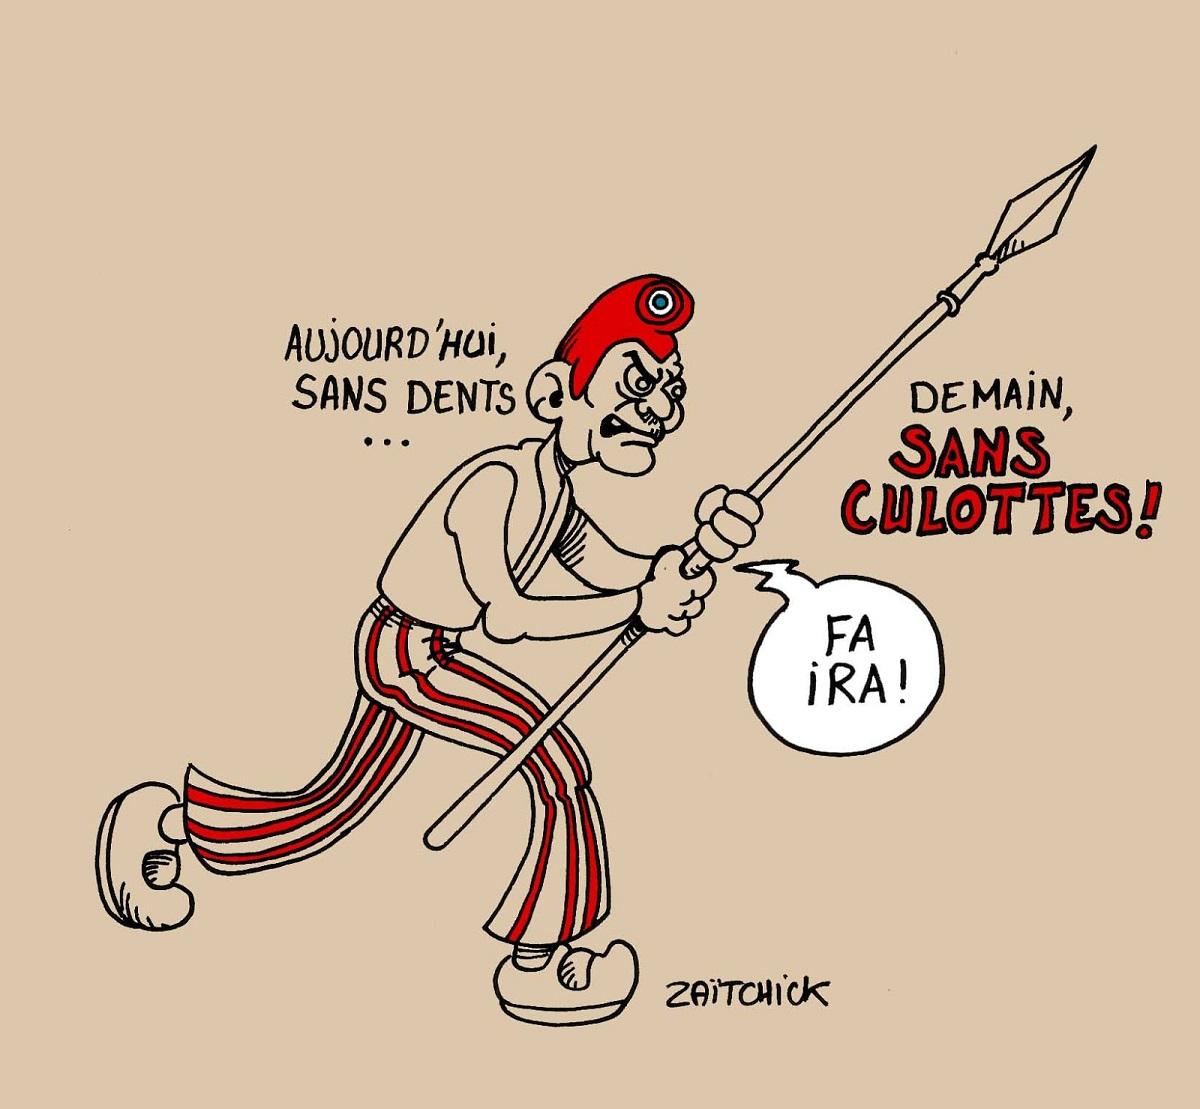 dessin humoristique d'un Français exaspéré par la politique actuelle et déclenche la révolution